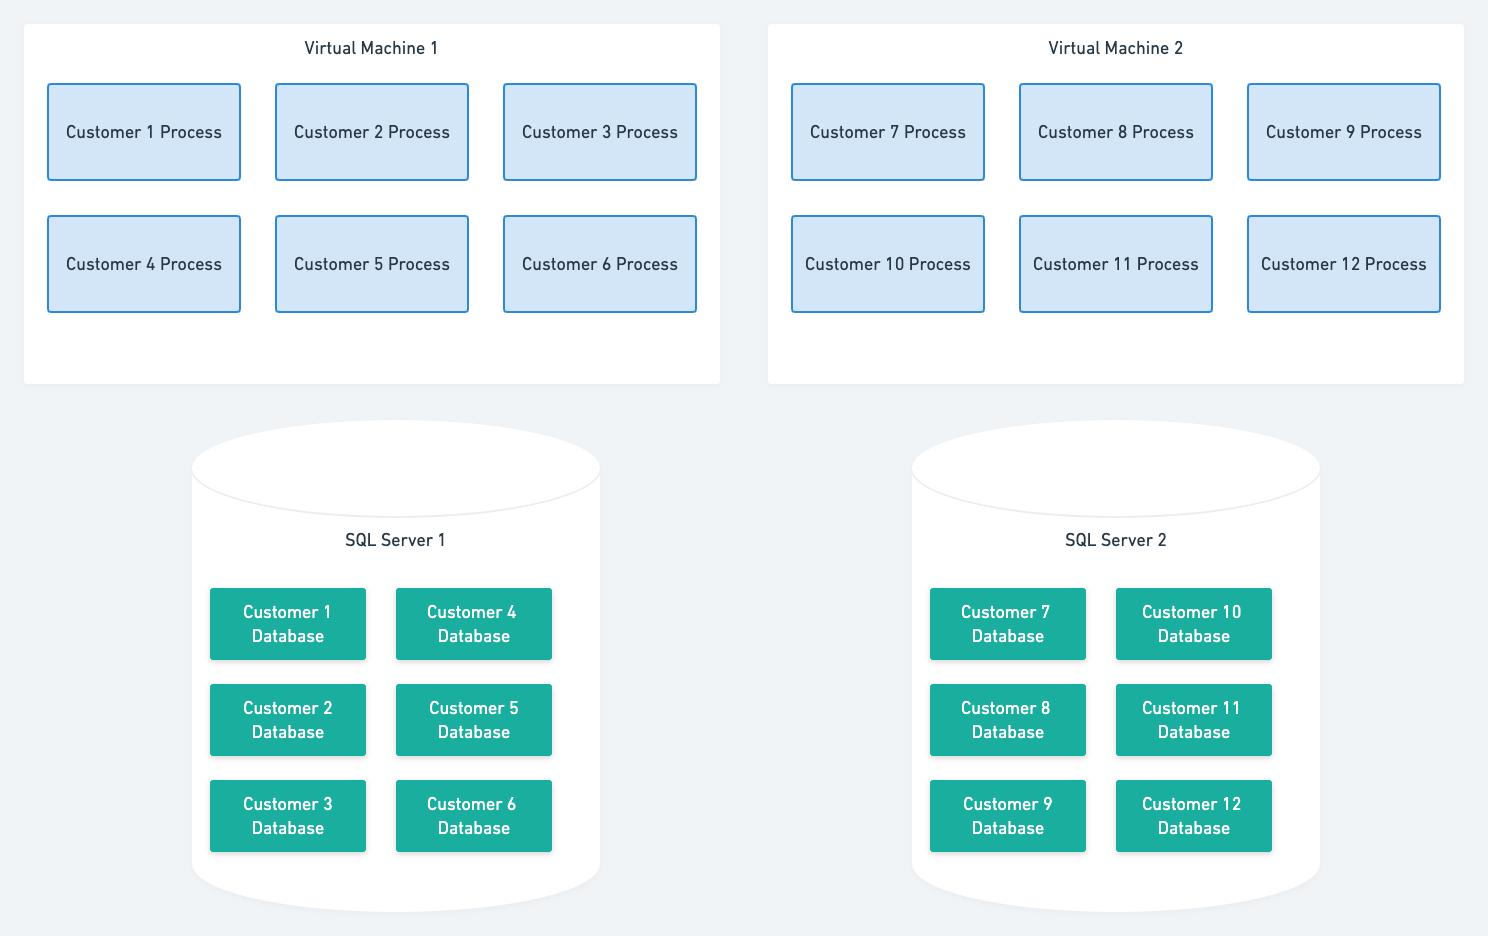 Process per customer architecture